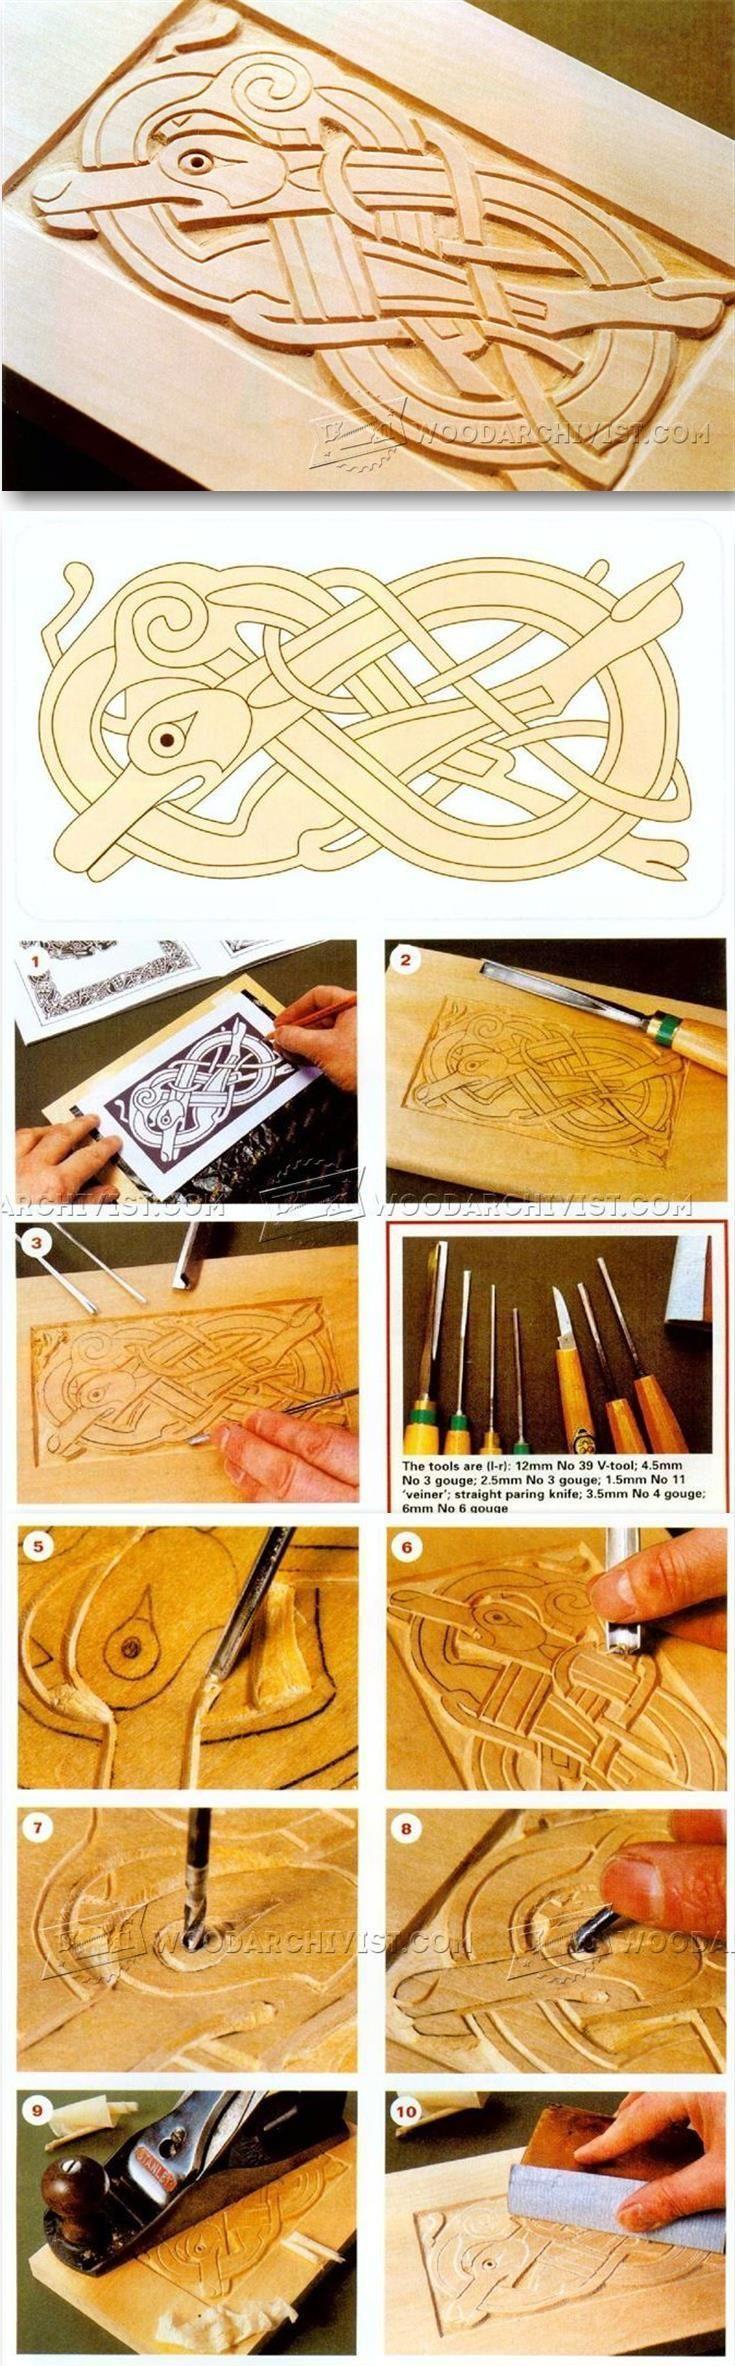 Best carve images on pinterest carved wood